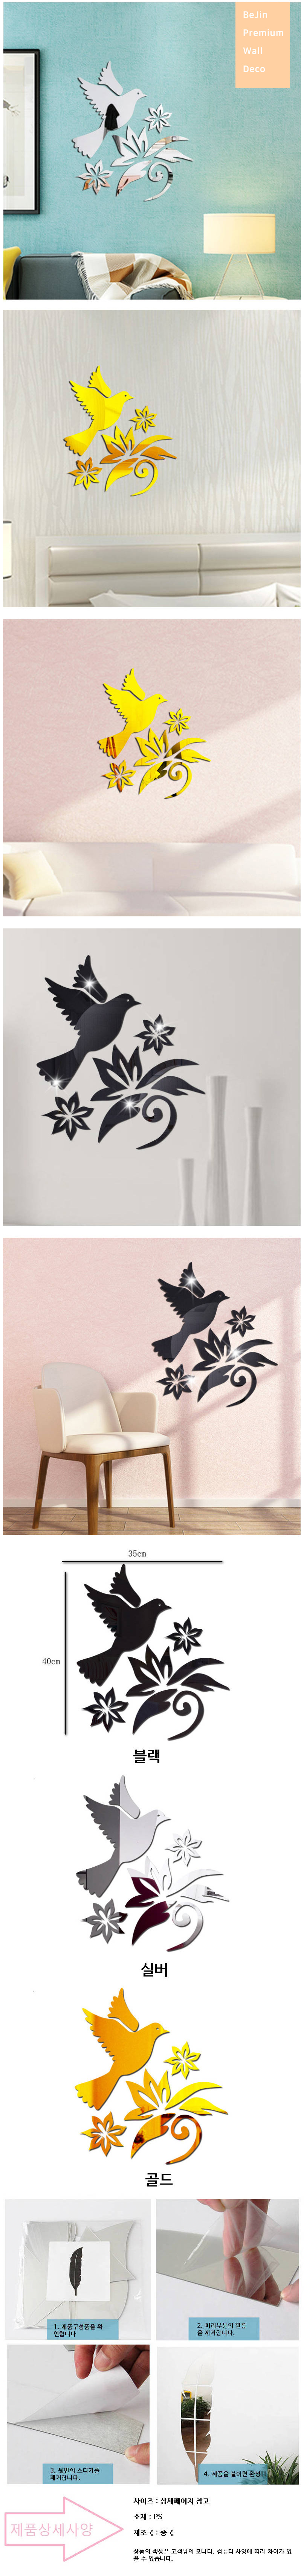 비진 평화의비둘기 미러 벽장식 스티커 - 제로투원, 6,080원, 월데코스티커, 기타데코